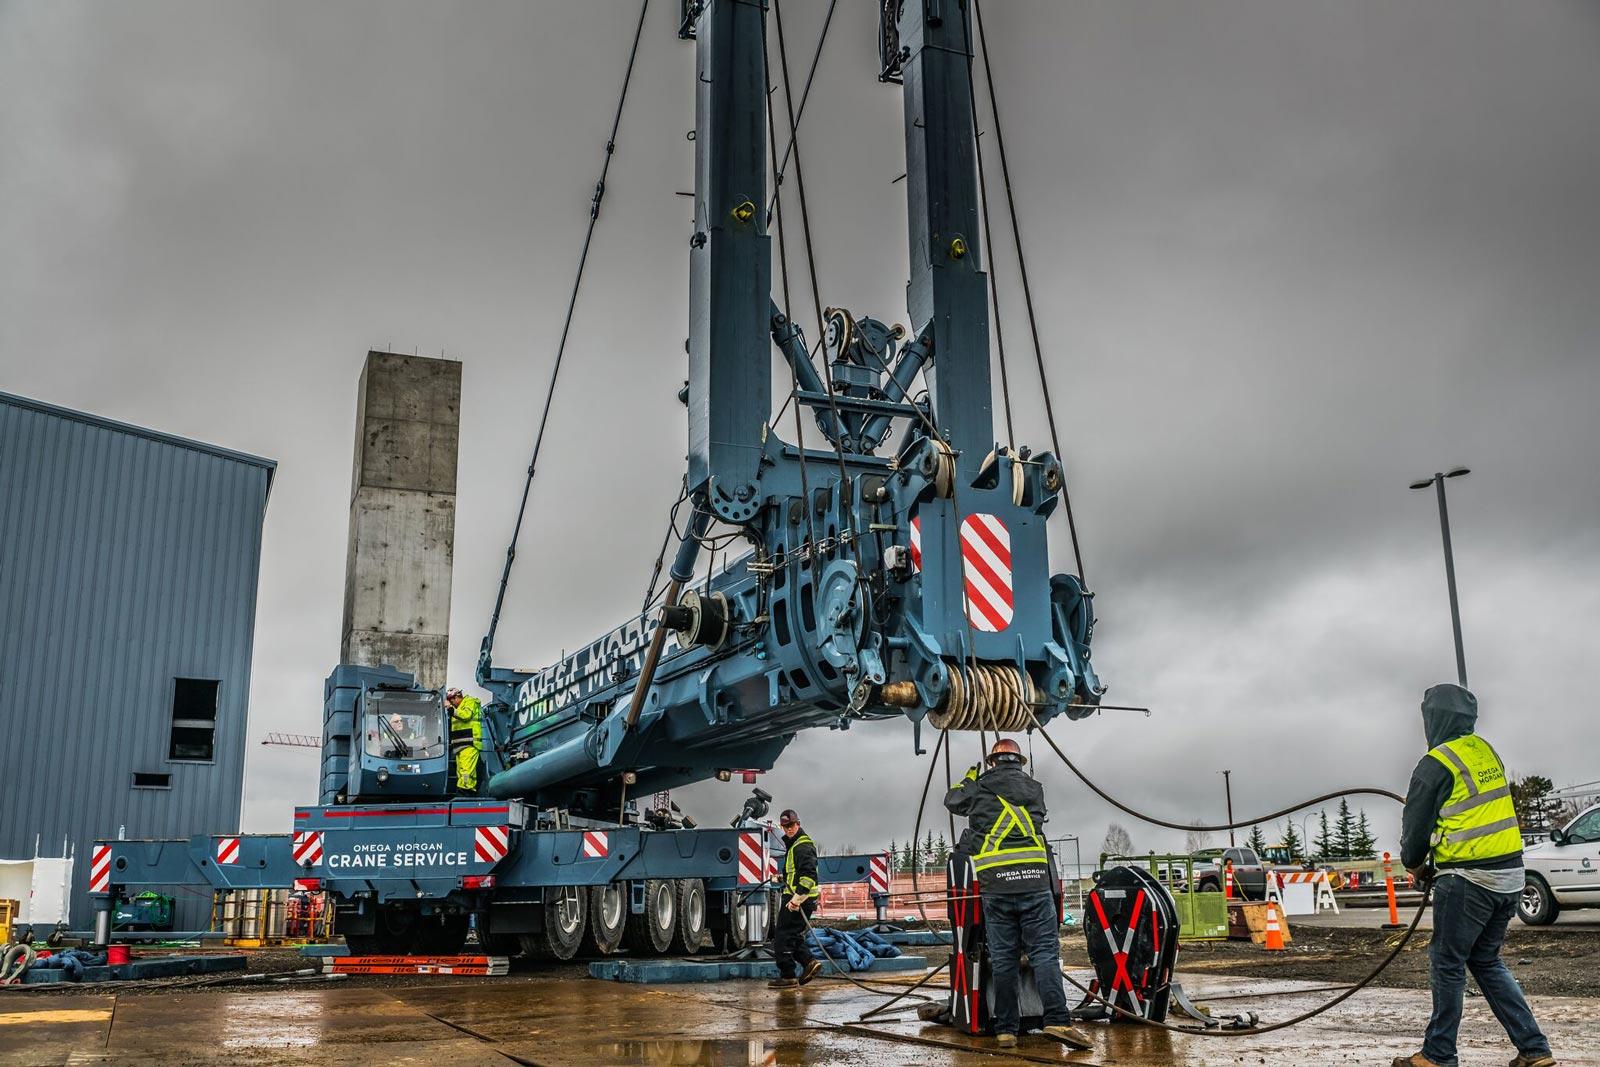 Crews setting up blue Omega Morgan crane